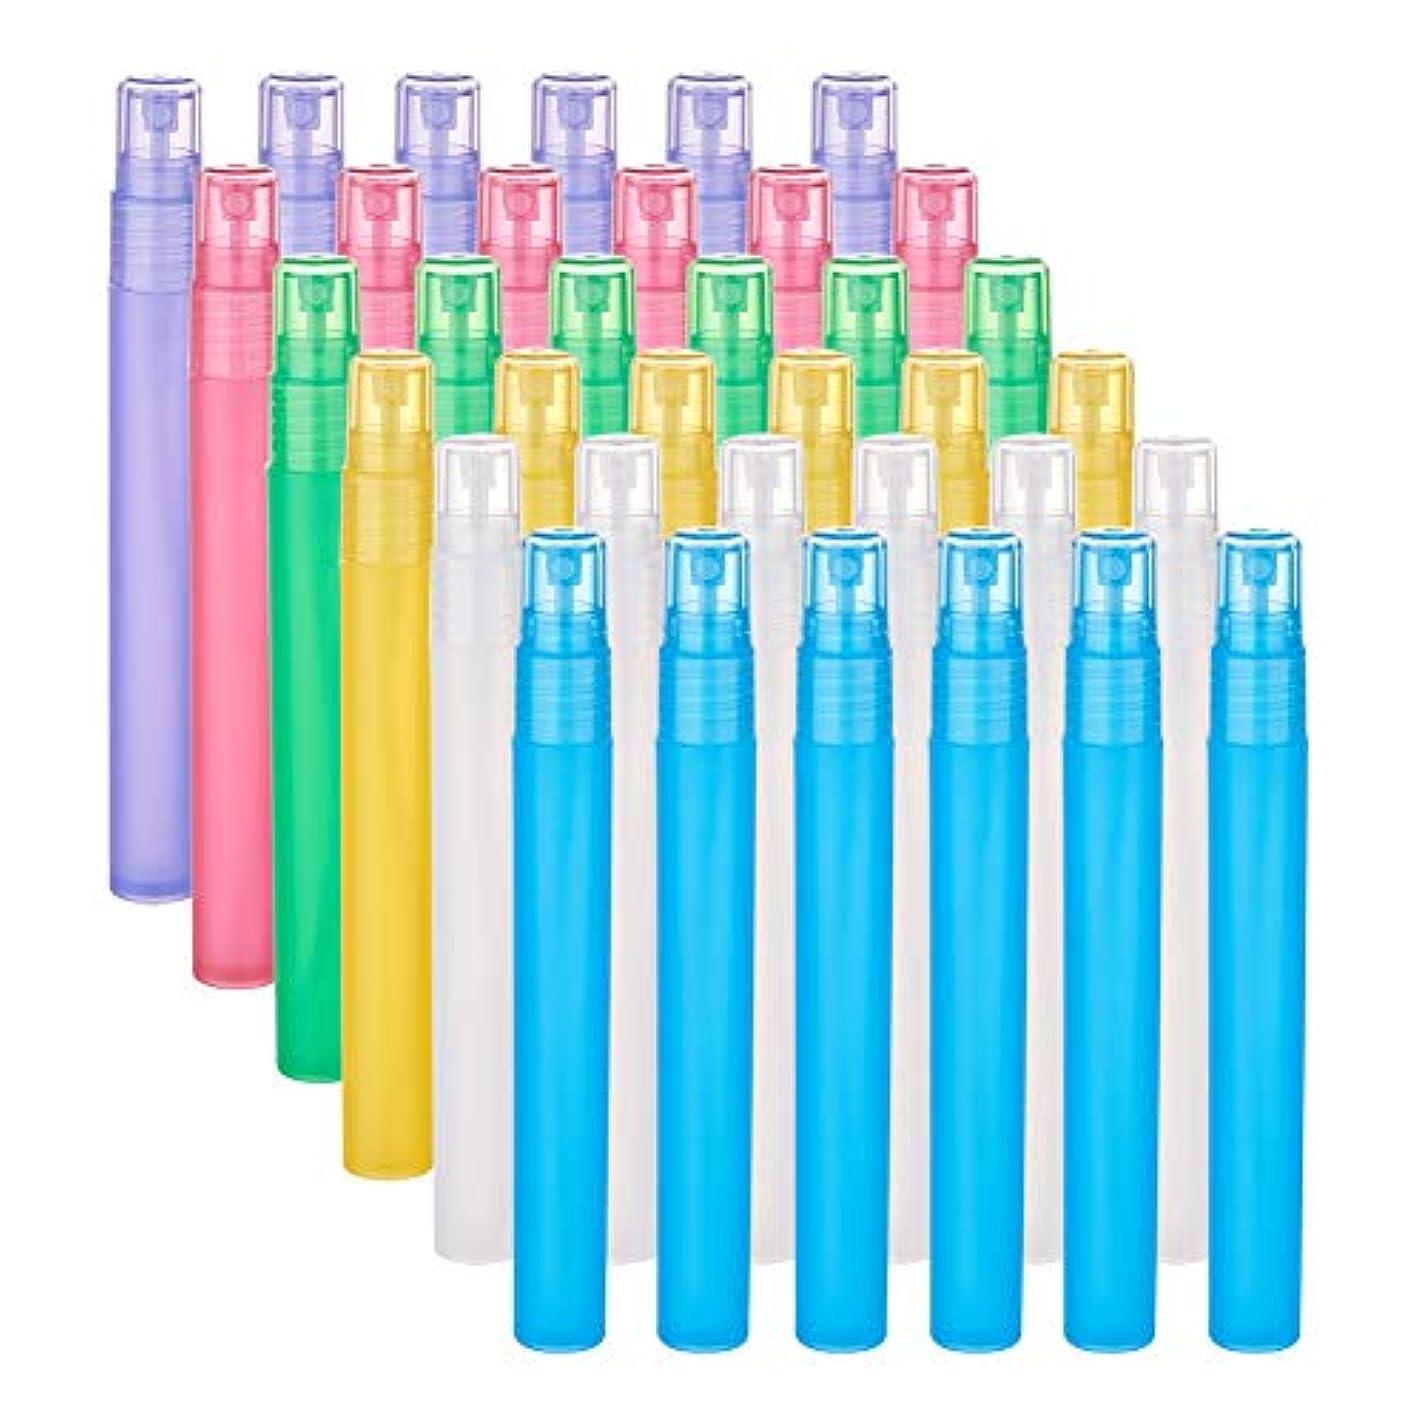 アサー砦呼び起こすBENECREAT 24個セット15ml香水スプレーボトル 6種色 プラスティック製 極細ミスト 香水 化粧水 コスメ小分けボトル 詰め替え